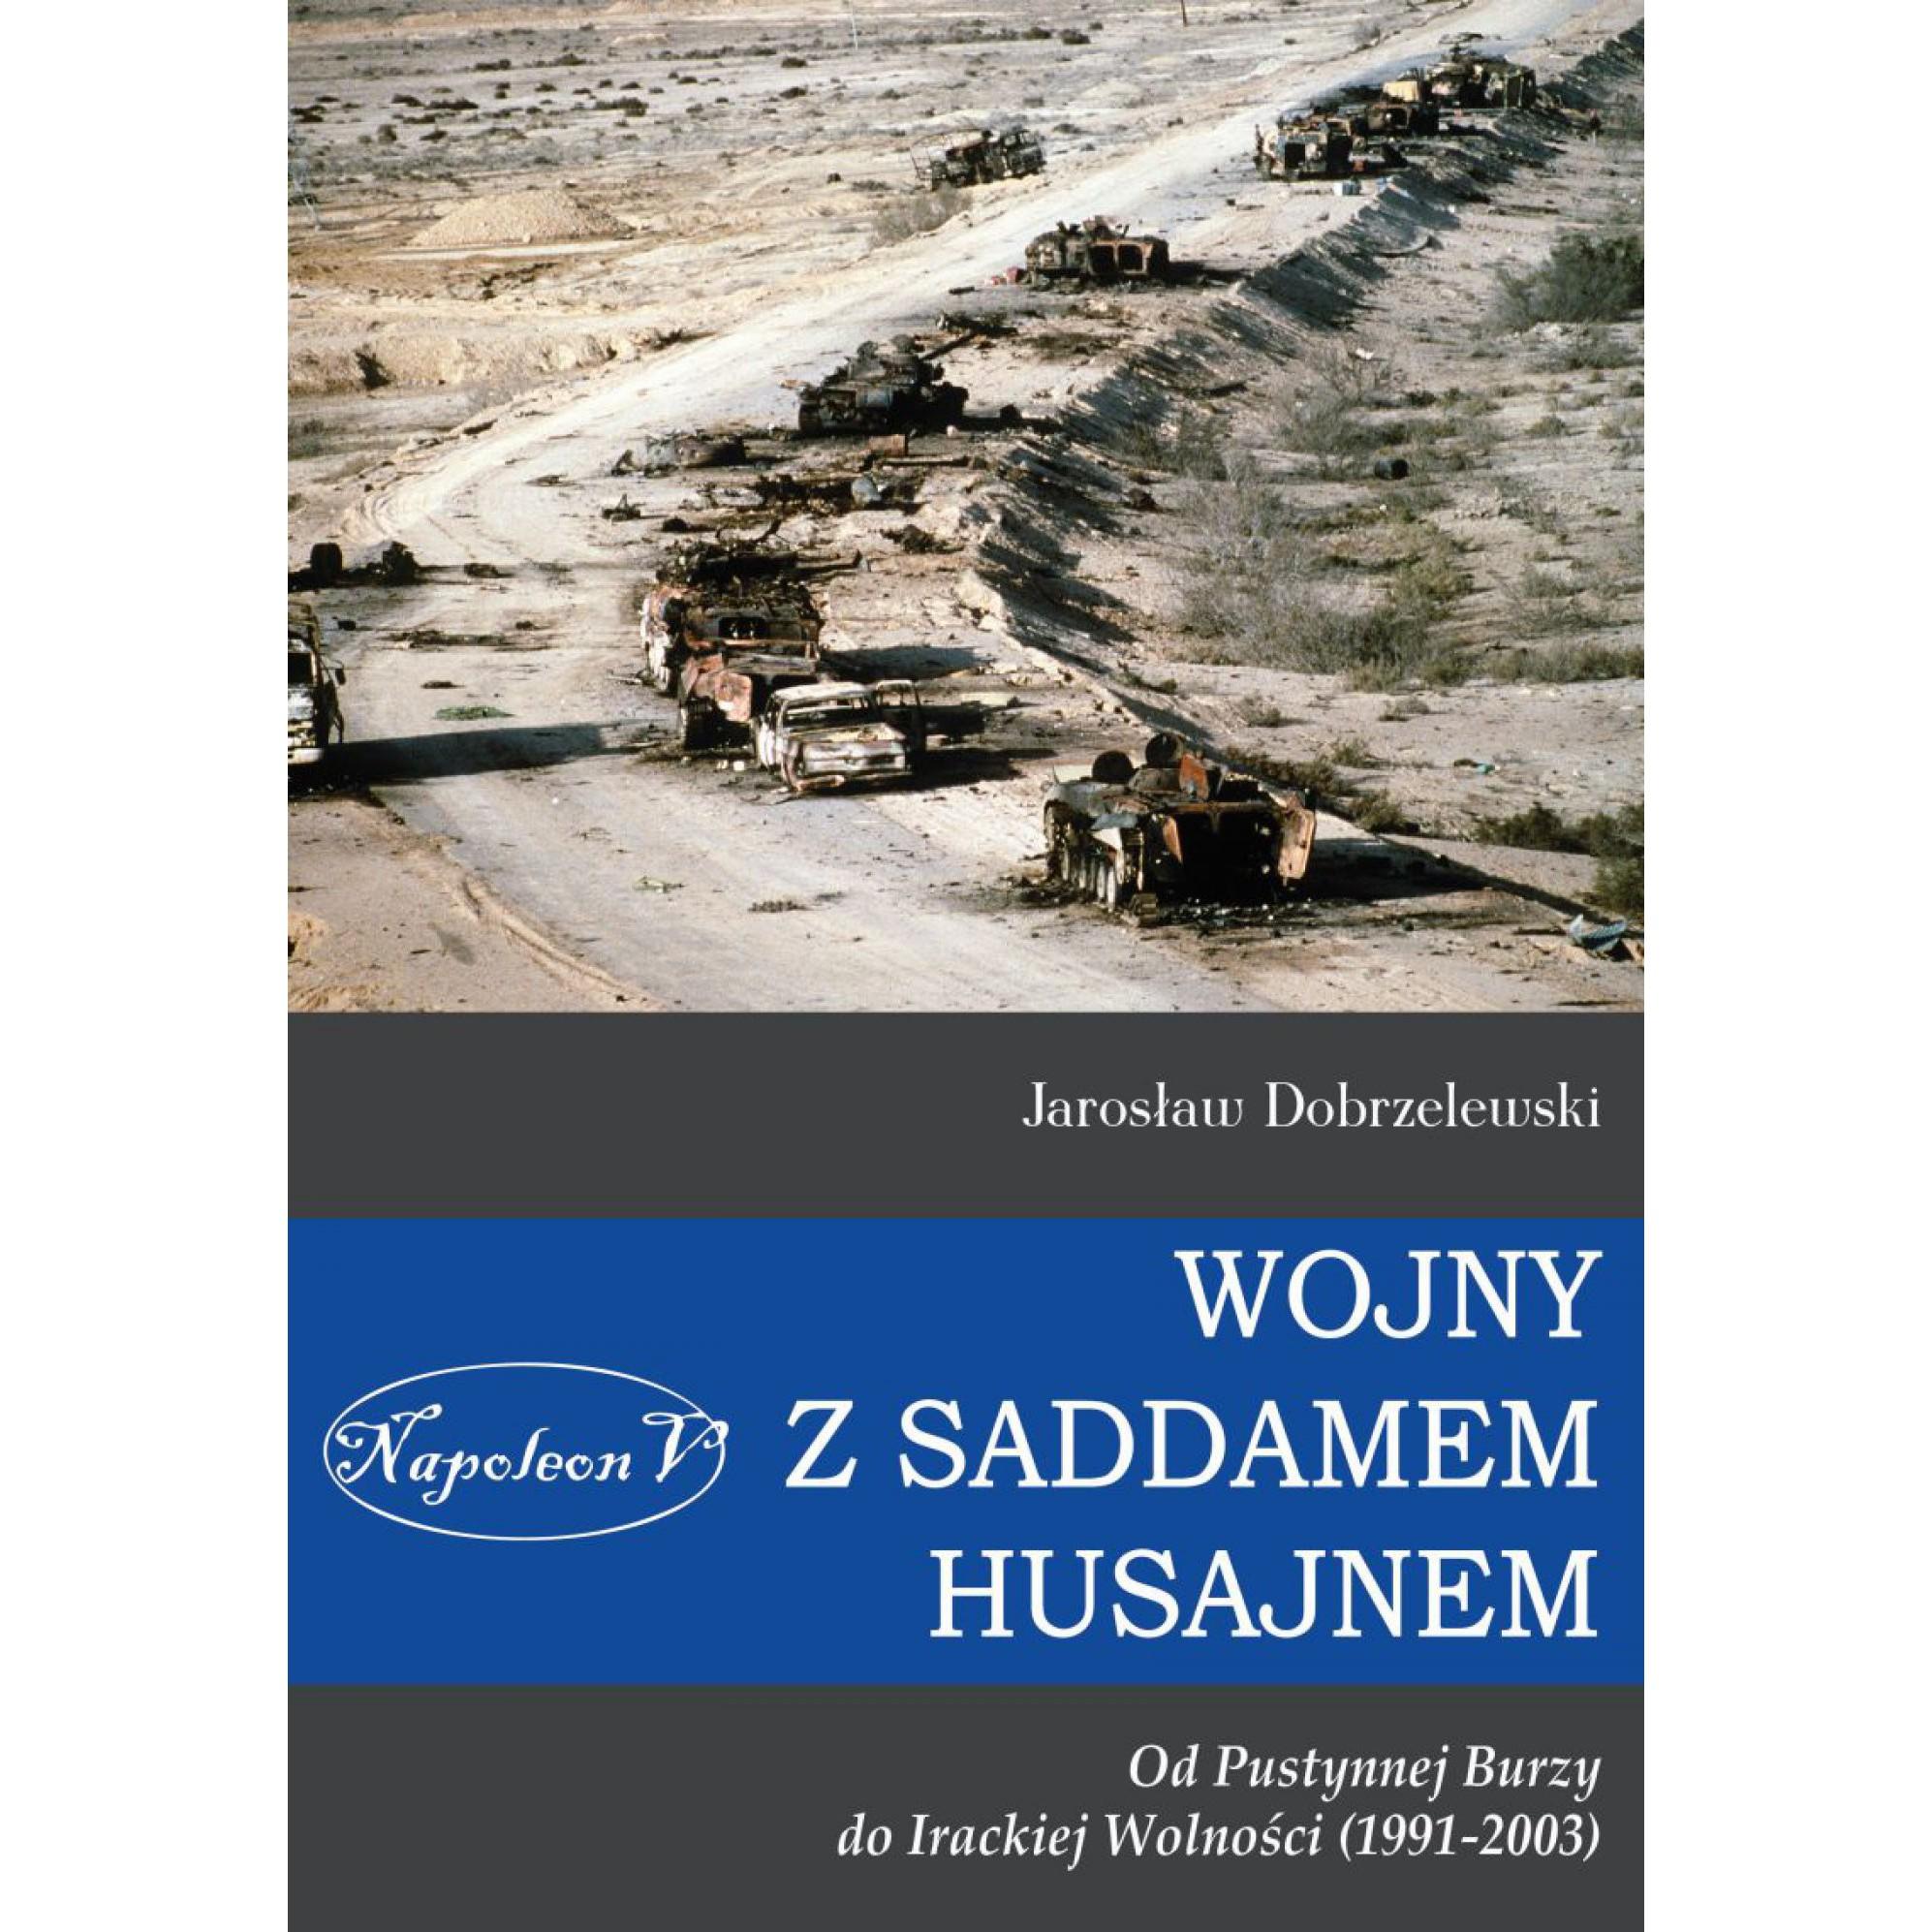 Wojny z Saddamem Husajnem od Pustynnej Burzy do Irackiej Wolności (1991-2003) miękka